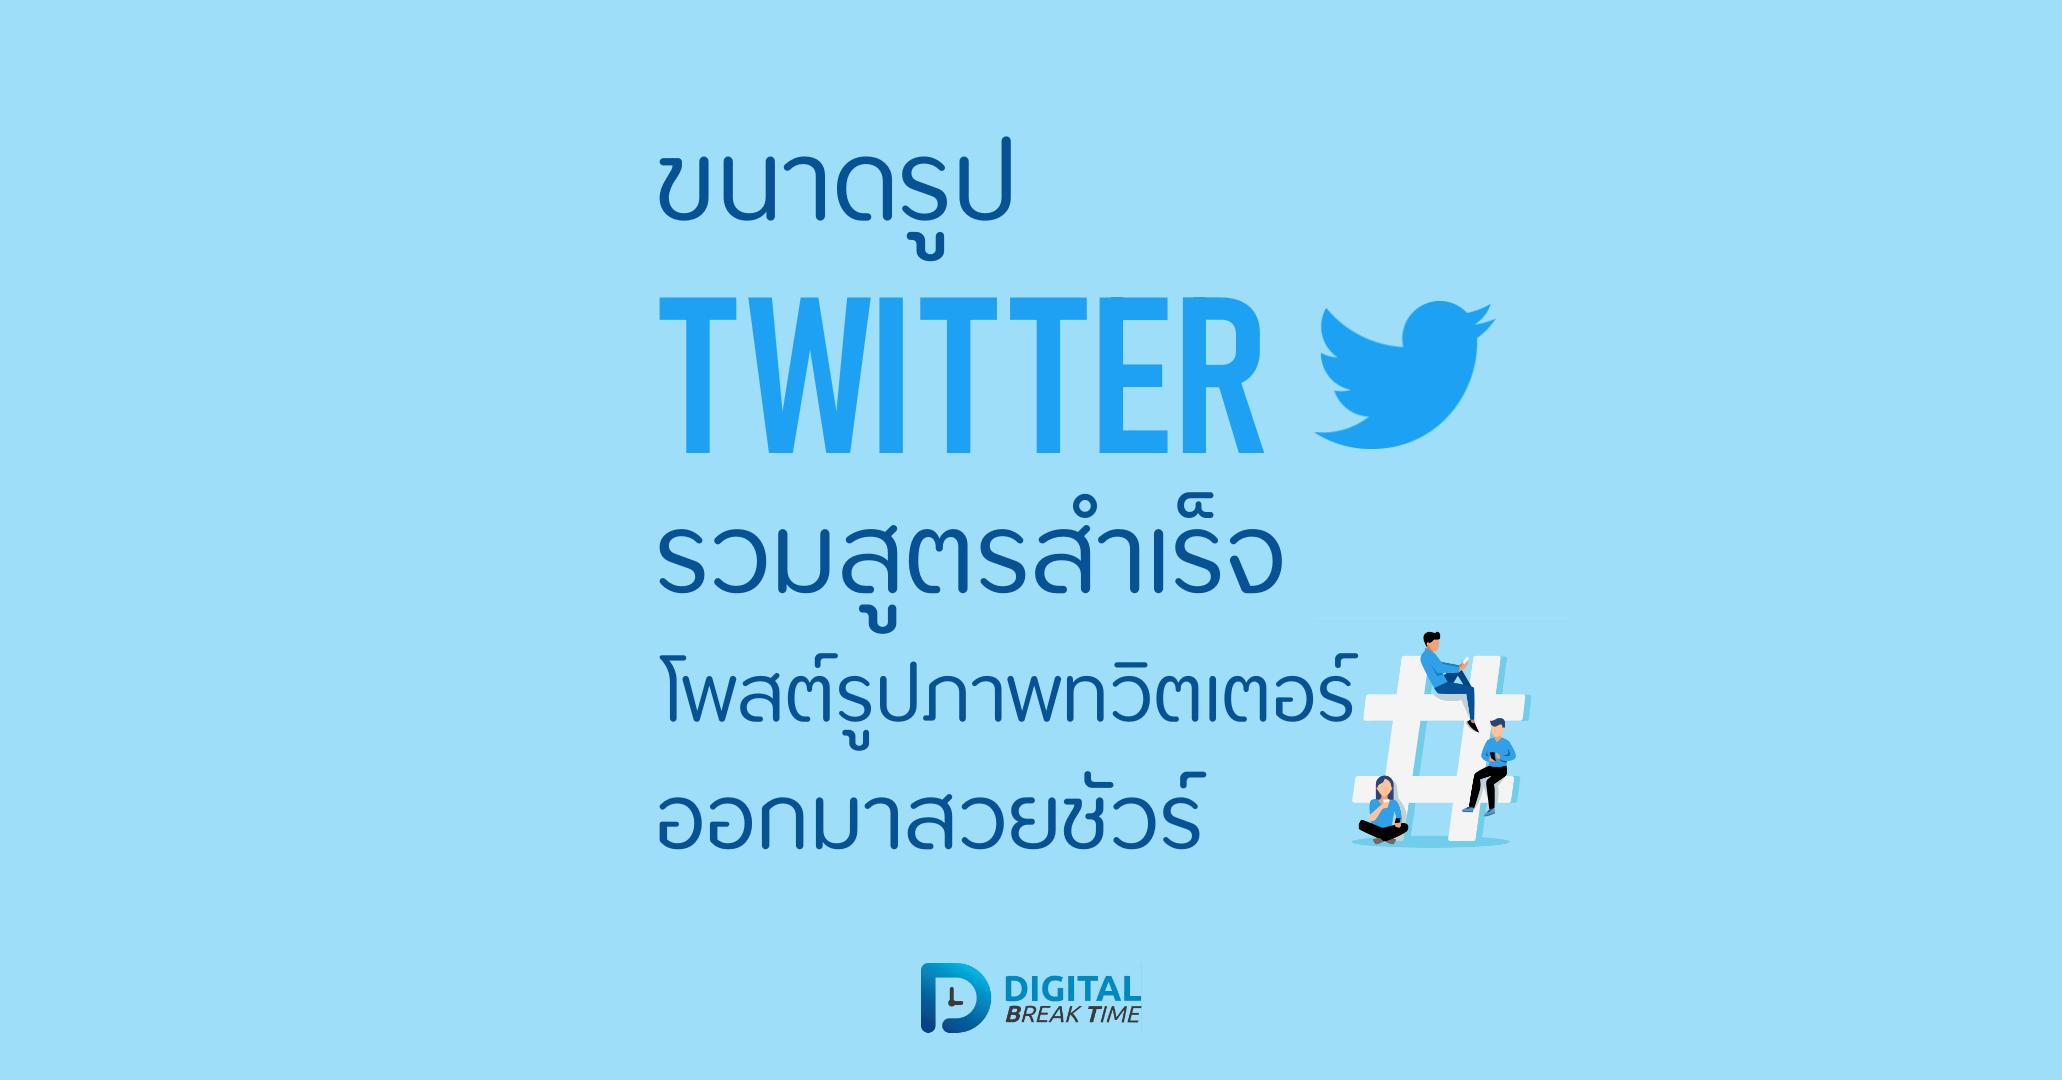 ขนาดรูป Twitter 2020